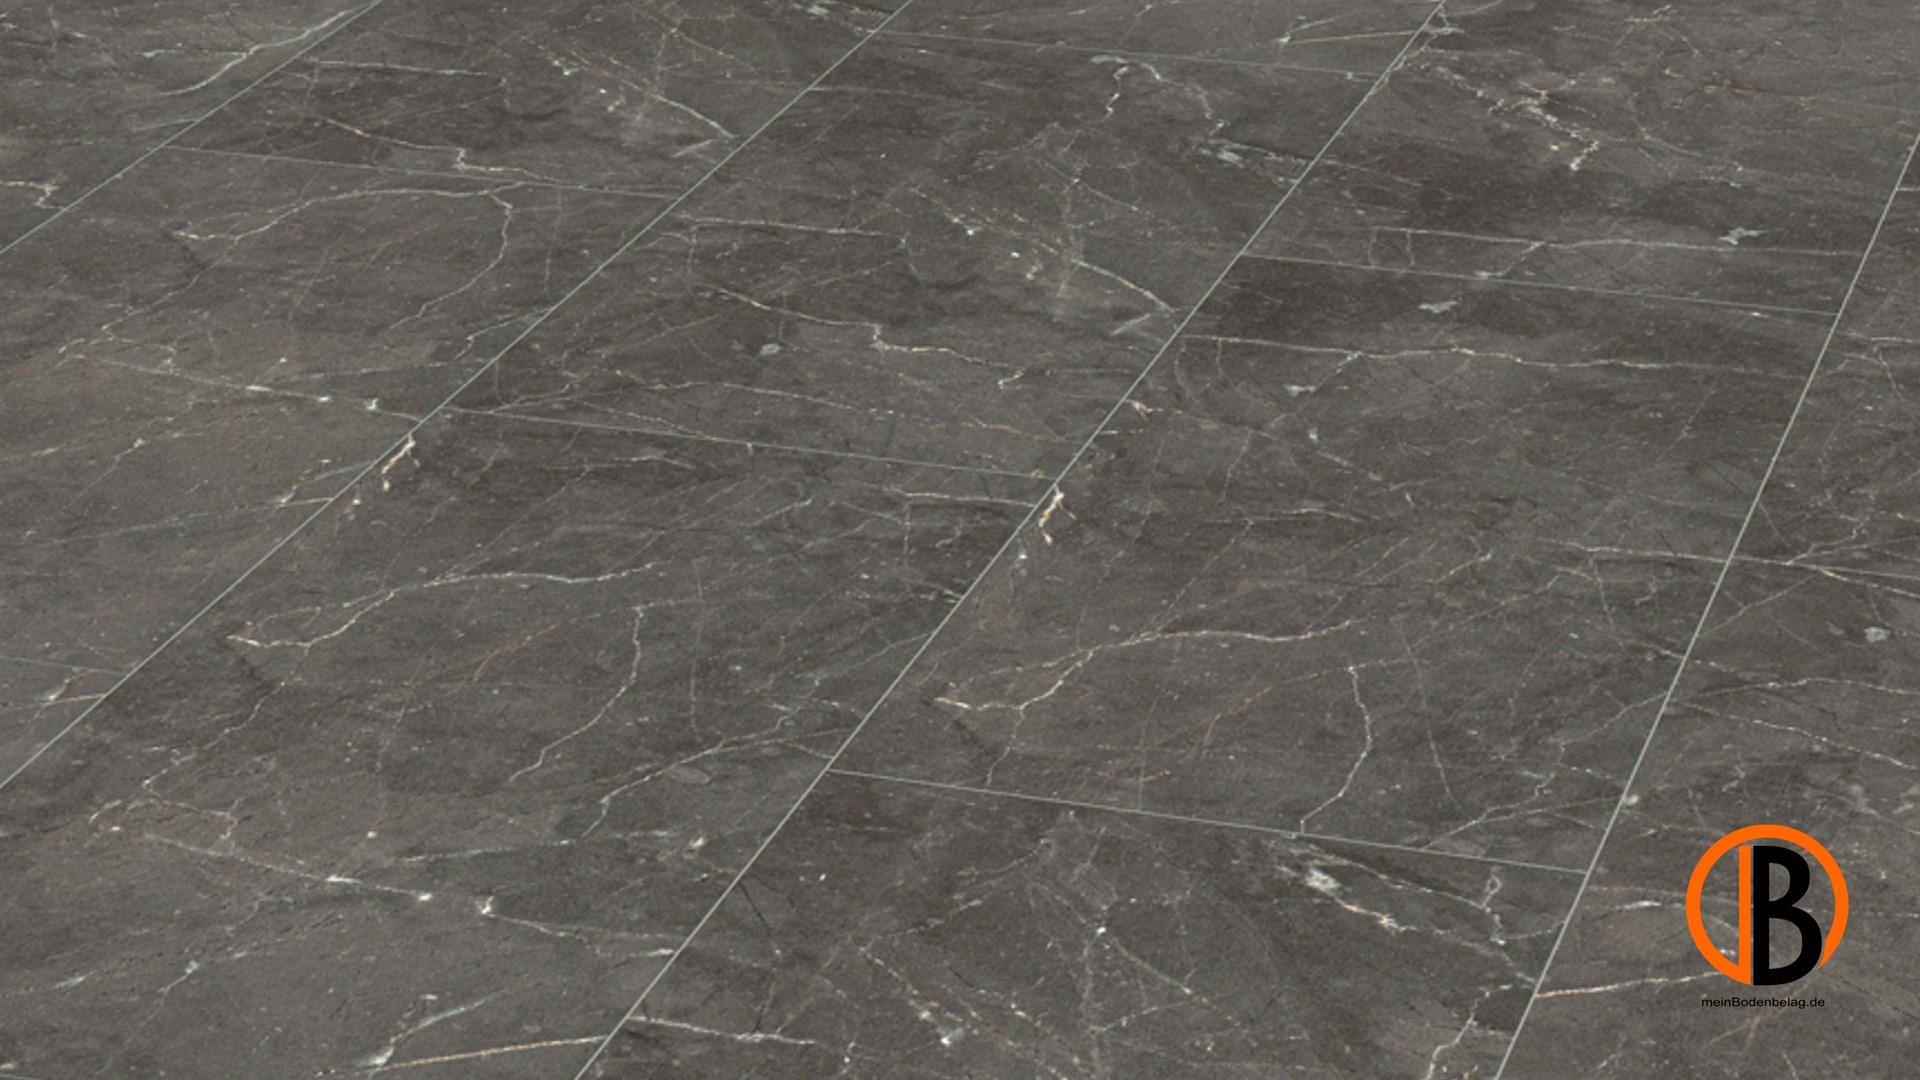 CINQUE KRONOTEX LAMINAT GLAMOUR | 10003561;0 | Bild 1